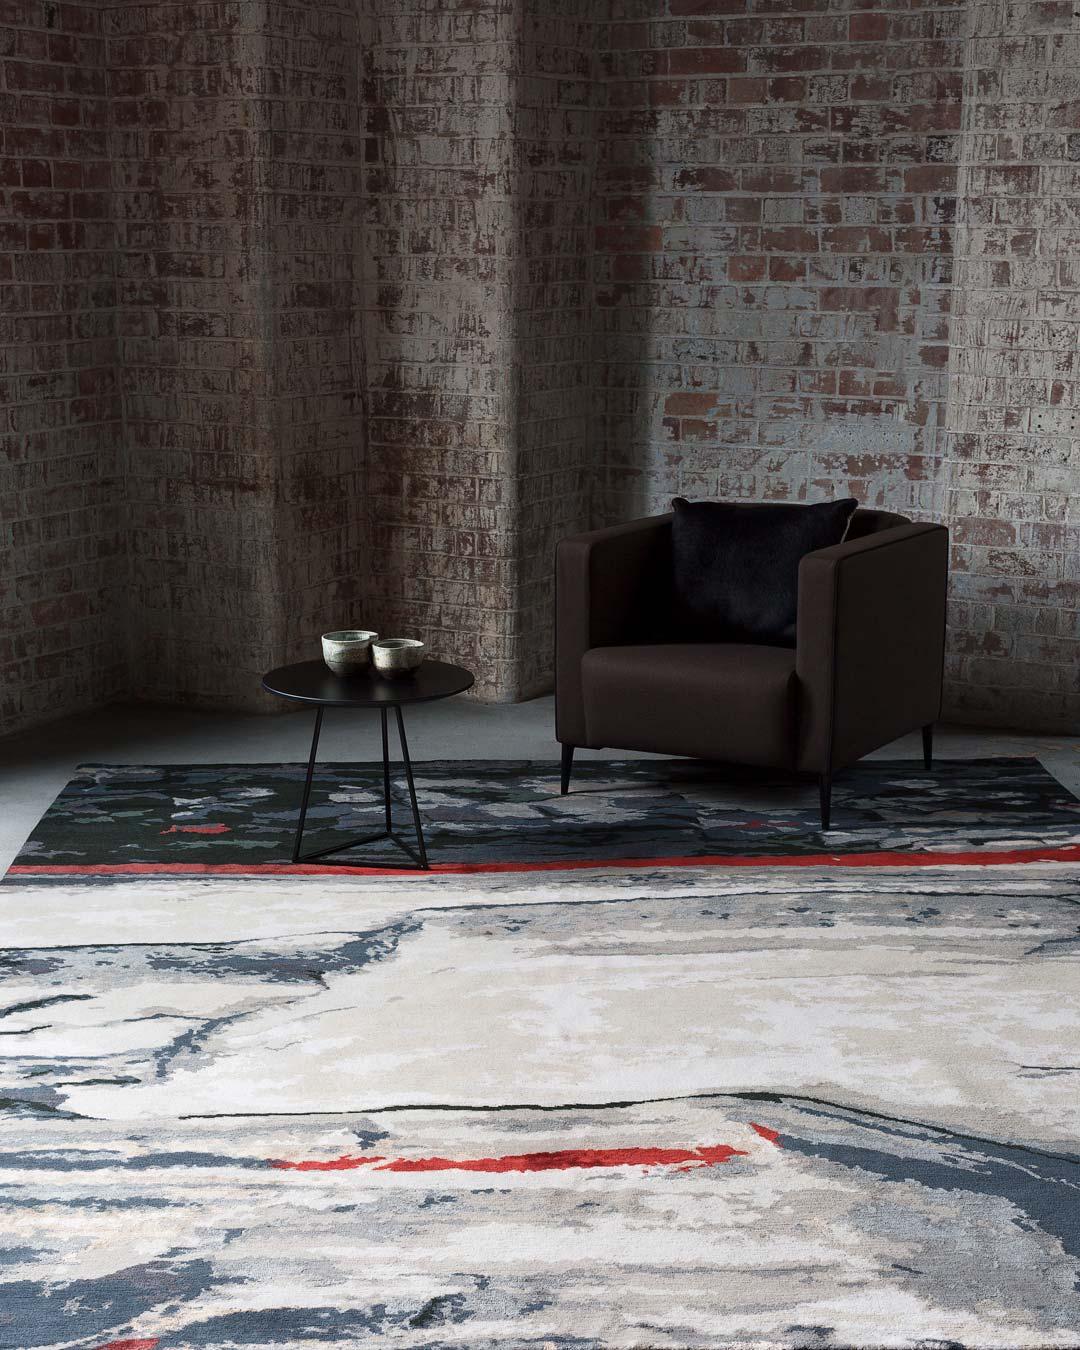 location shot of coledale rug by caroline baum